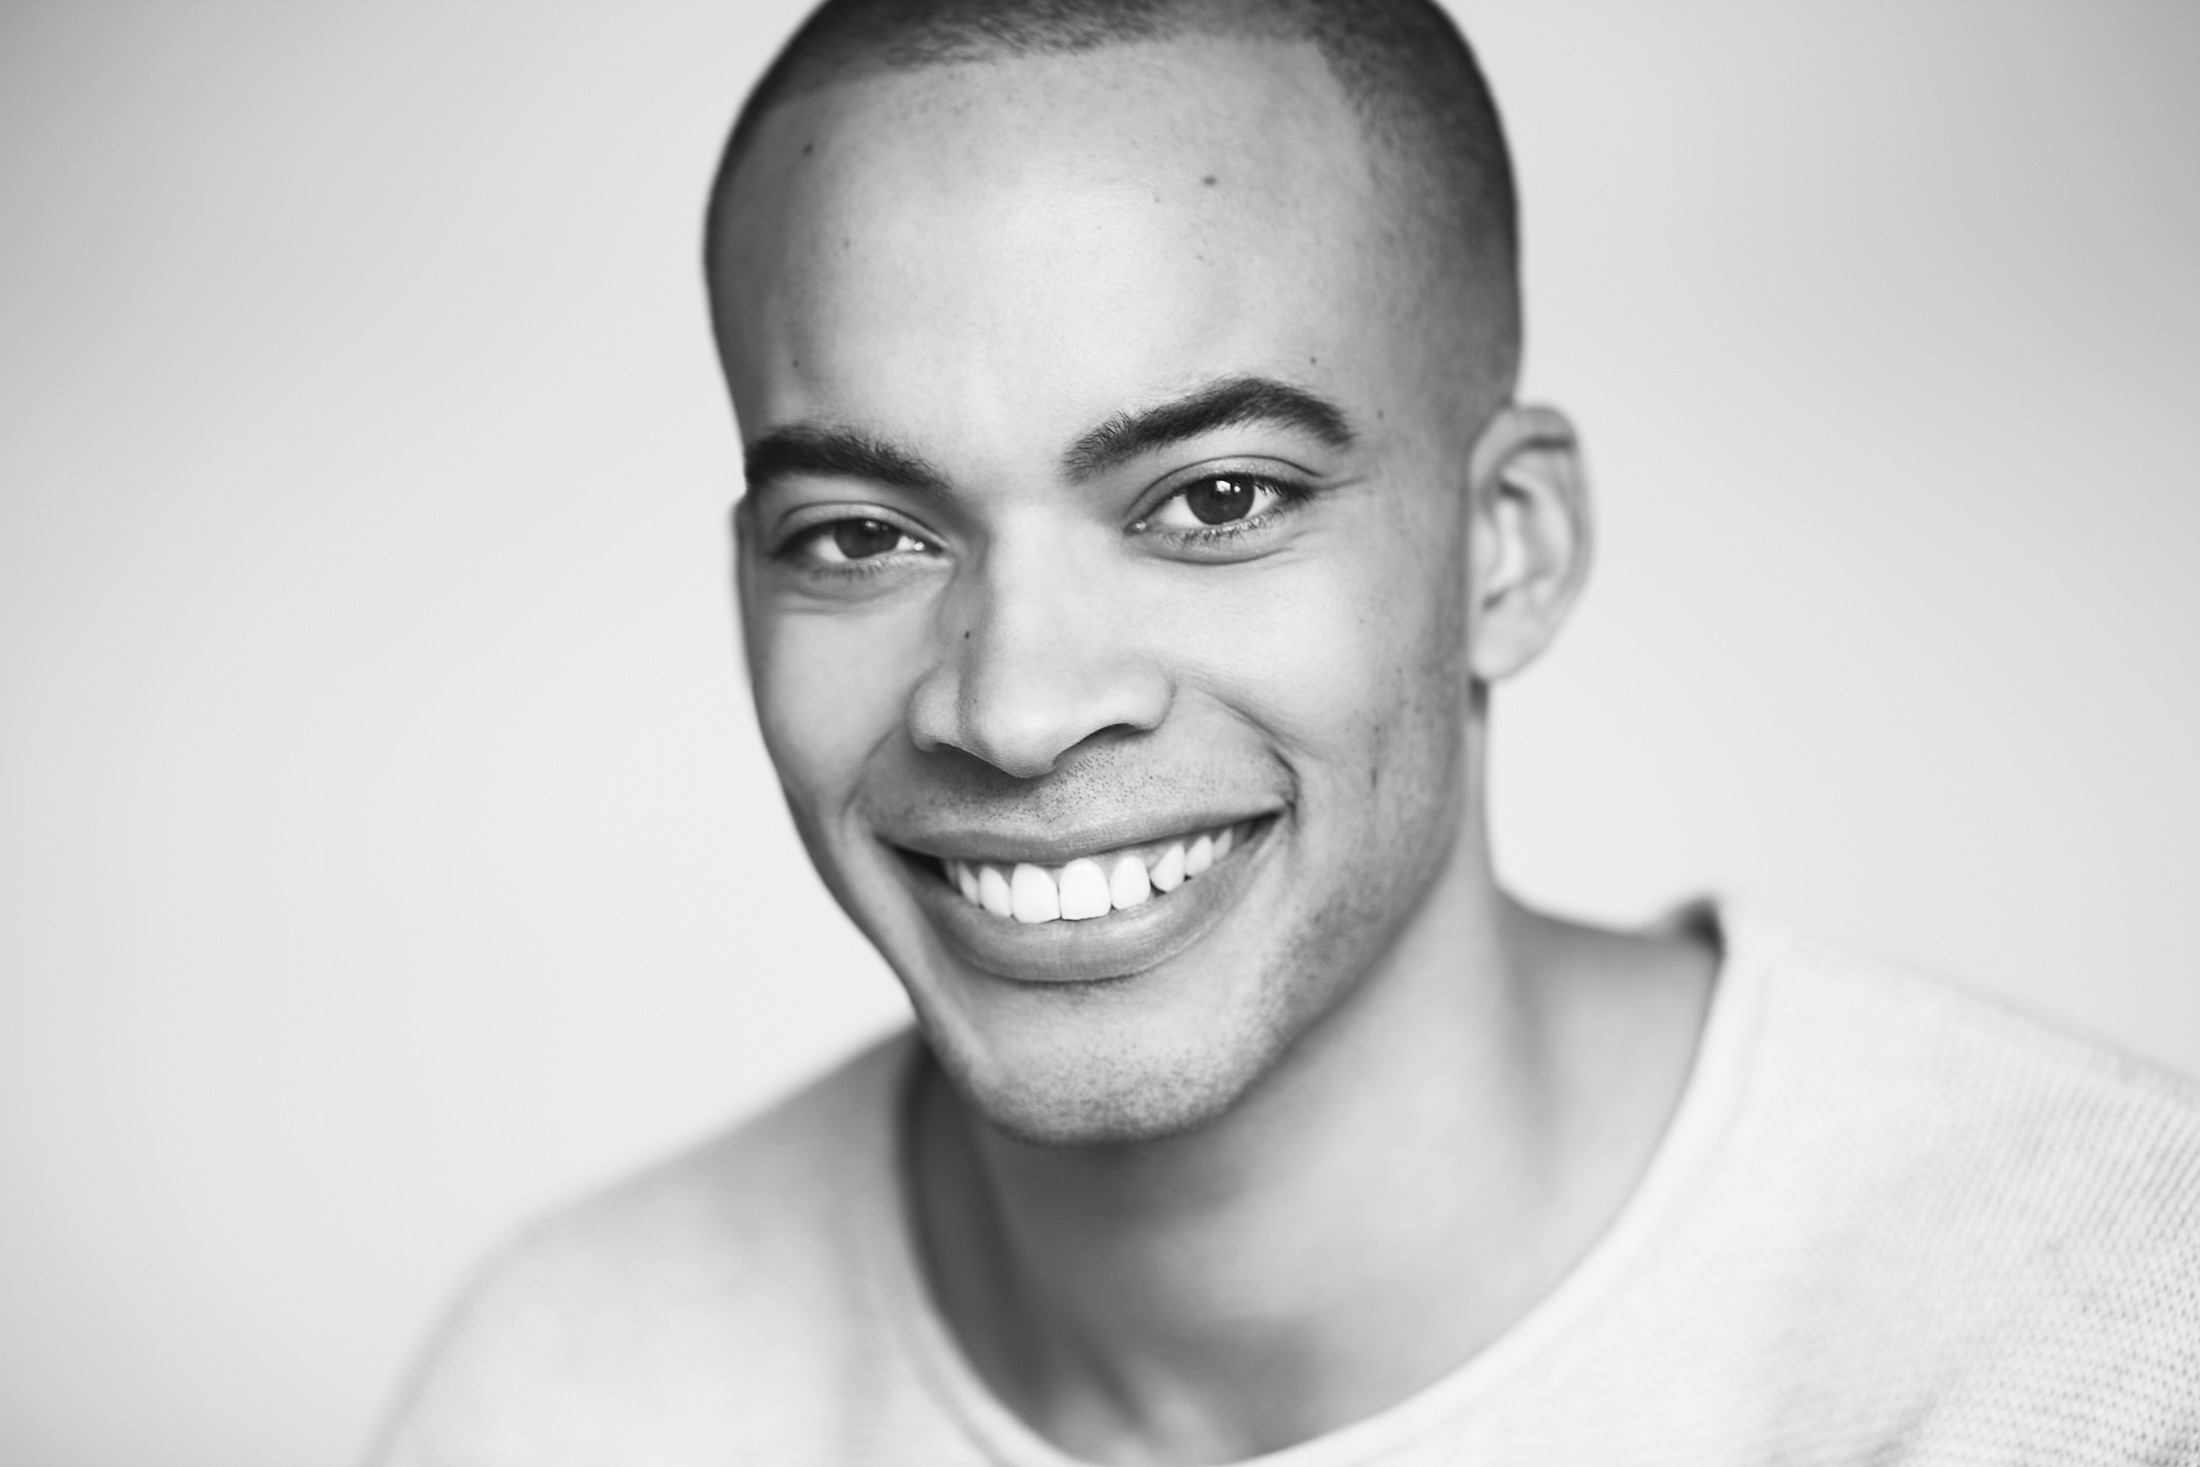 portrait noir et blanc homme souriant